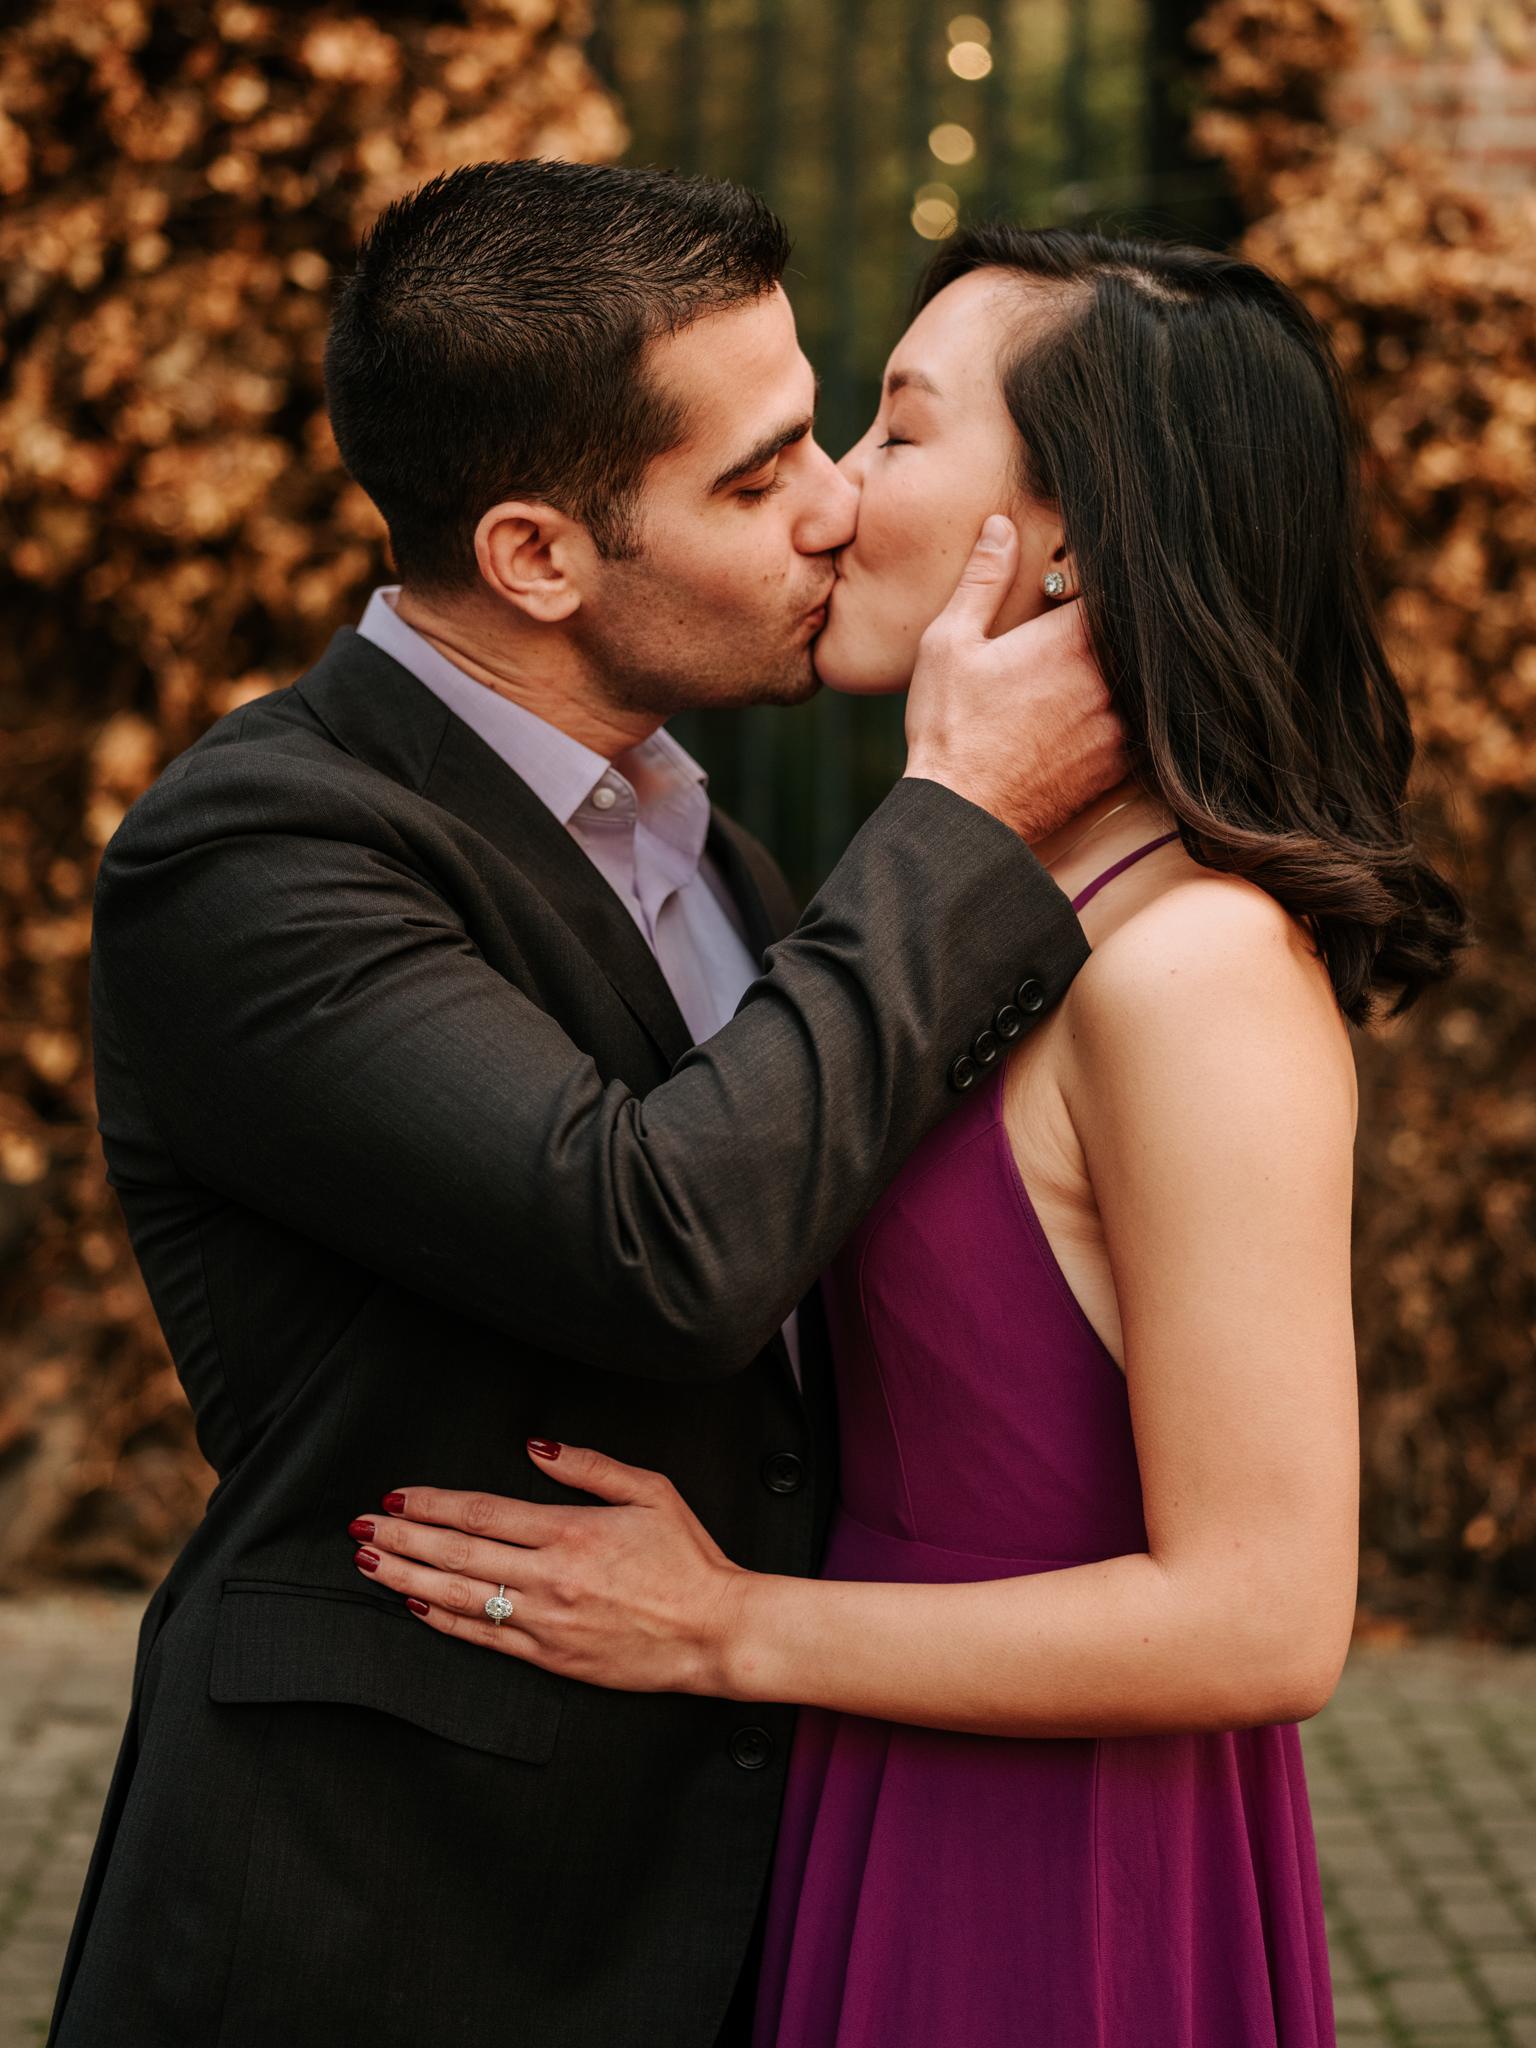 Seattle Engagement Photographer_Stolen Glimpses 12.jpg